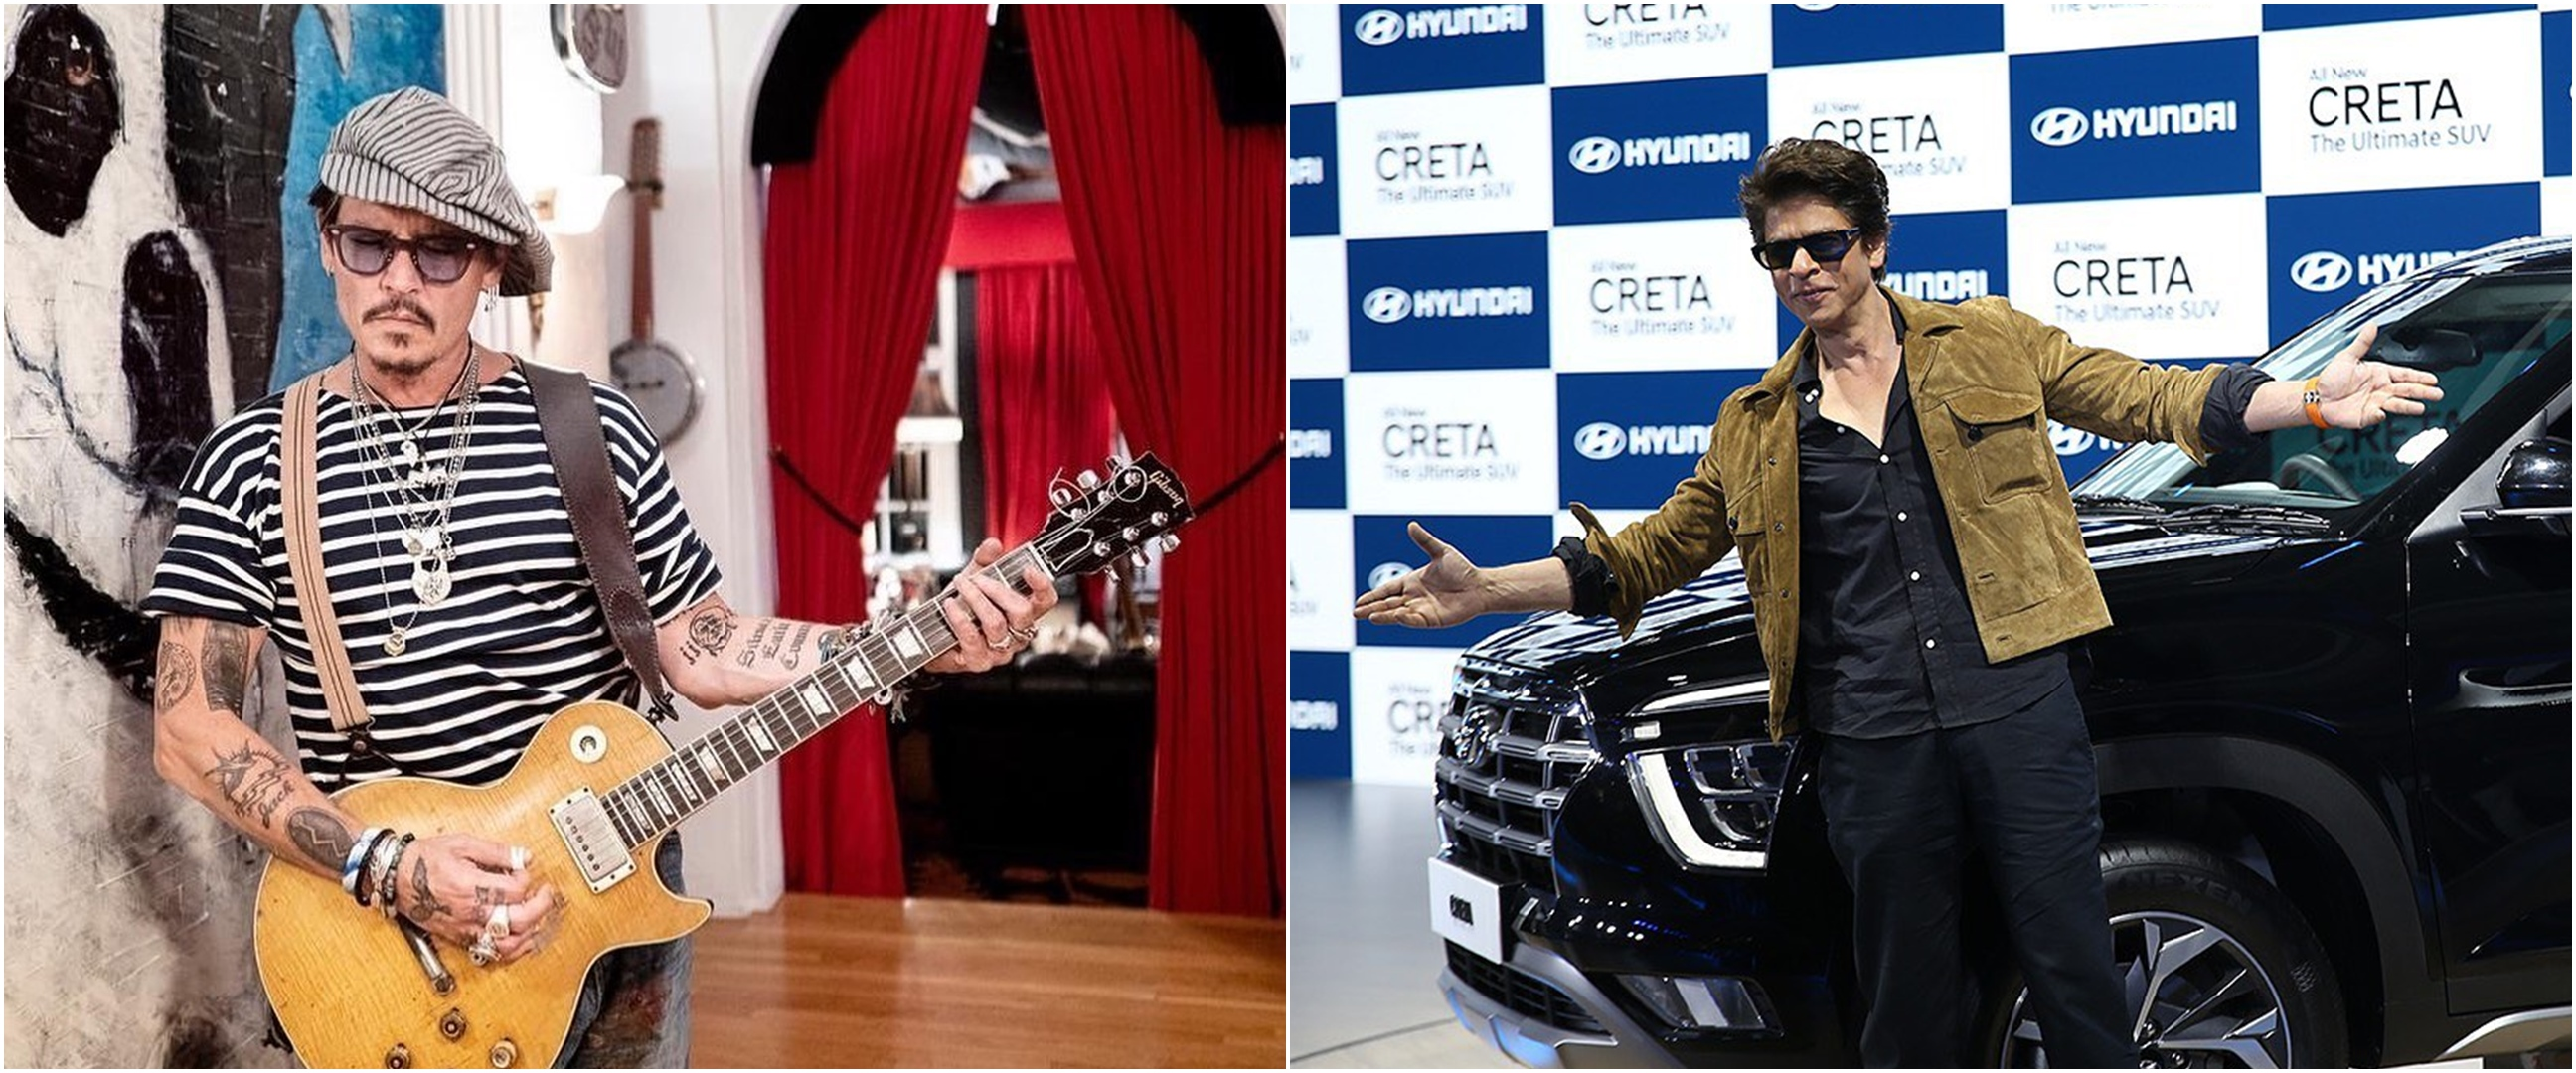 10 Aktor pria terkaya di dunia, Shah Rukh Khan capai Rp 11 triliun